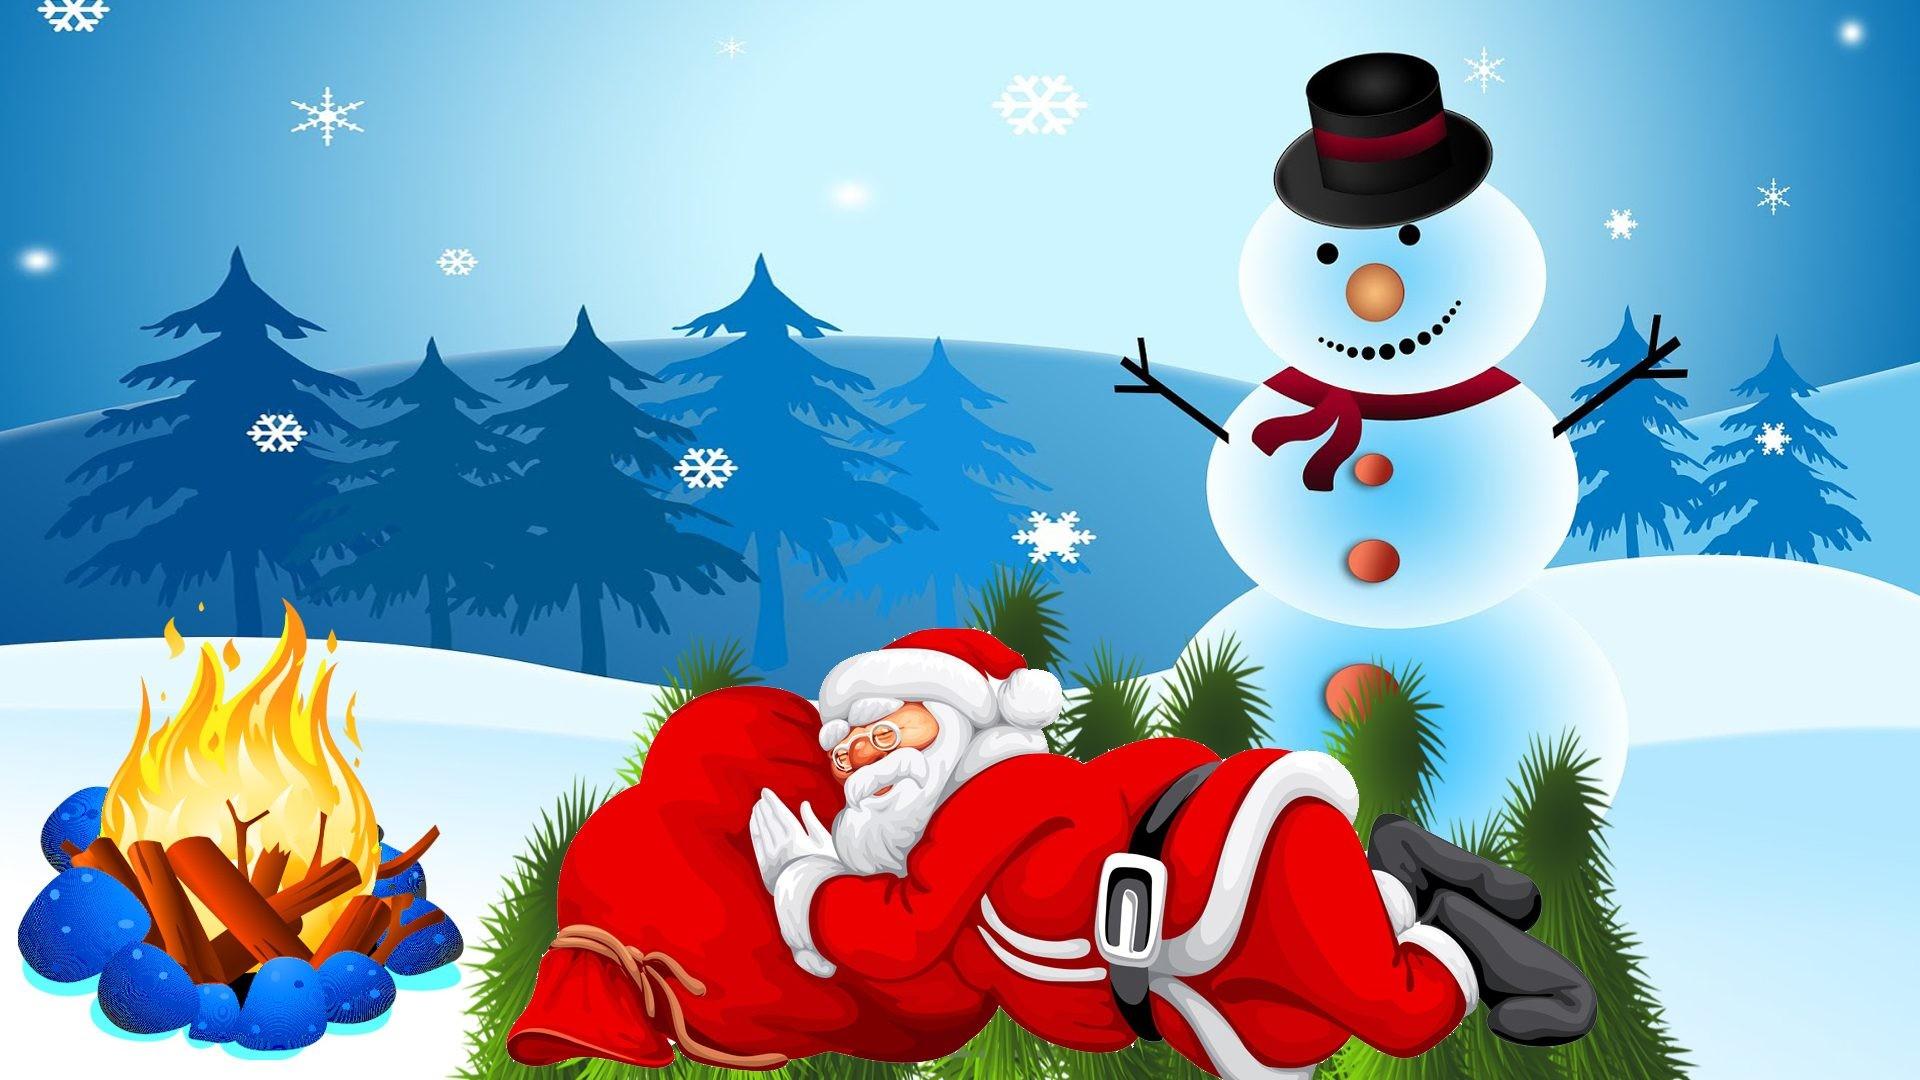 Snowman Desktop Wallpaper 1